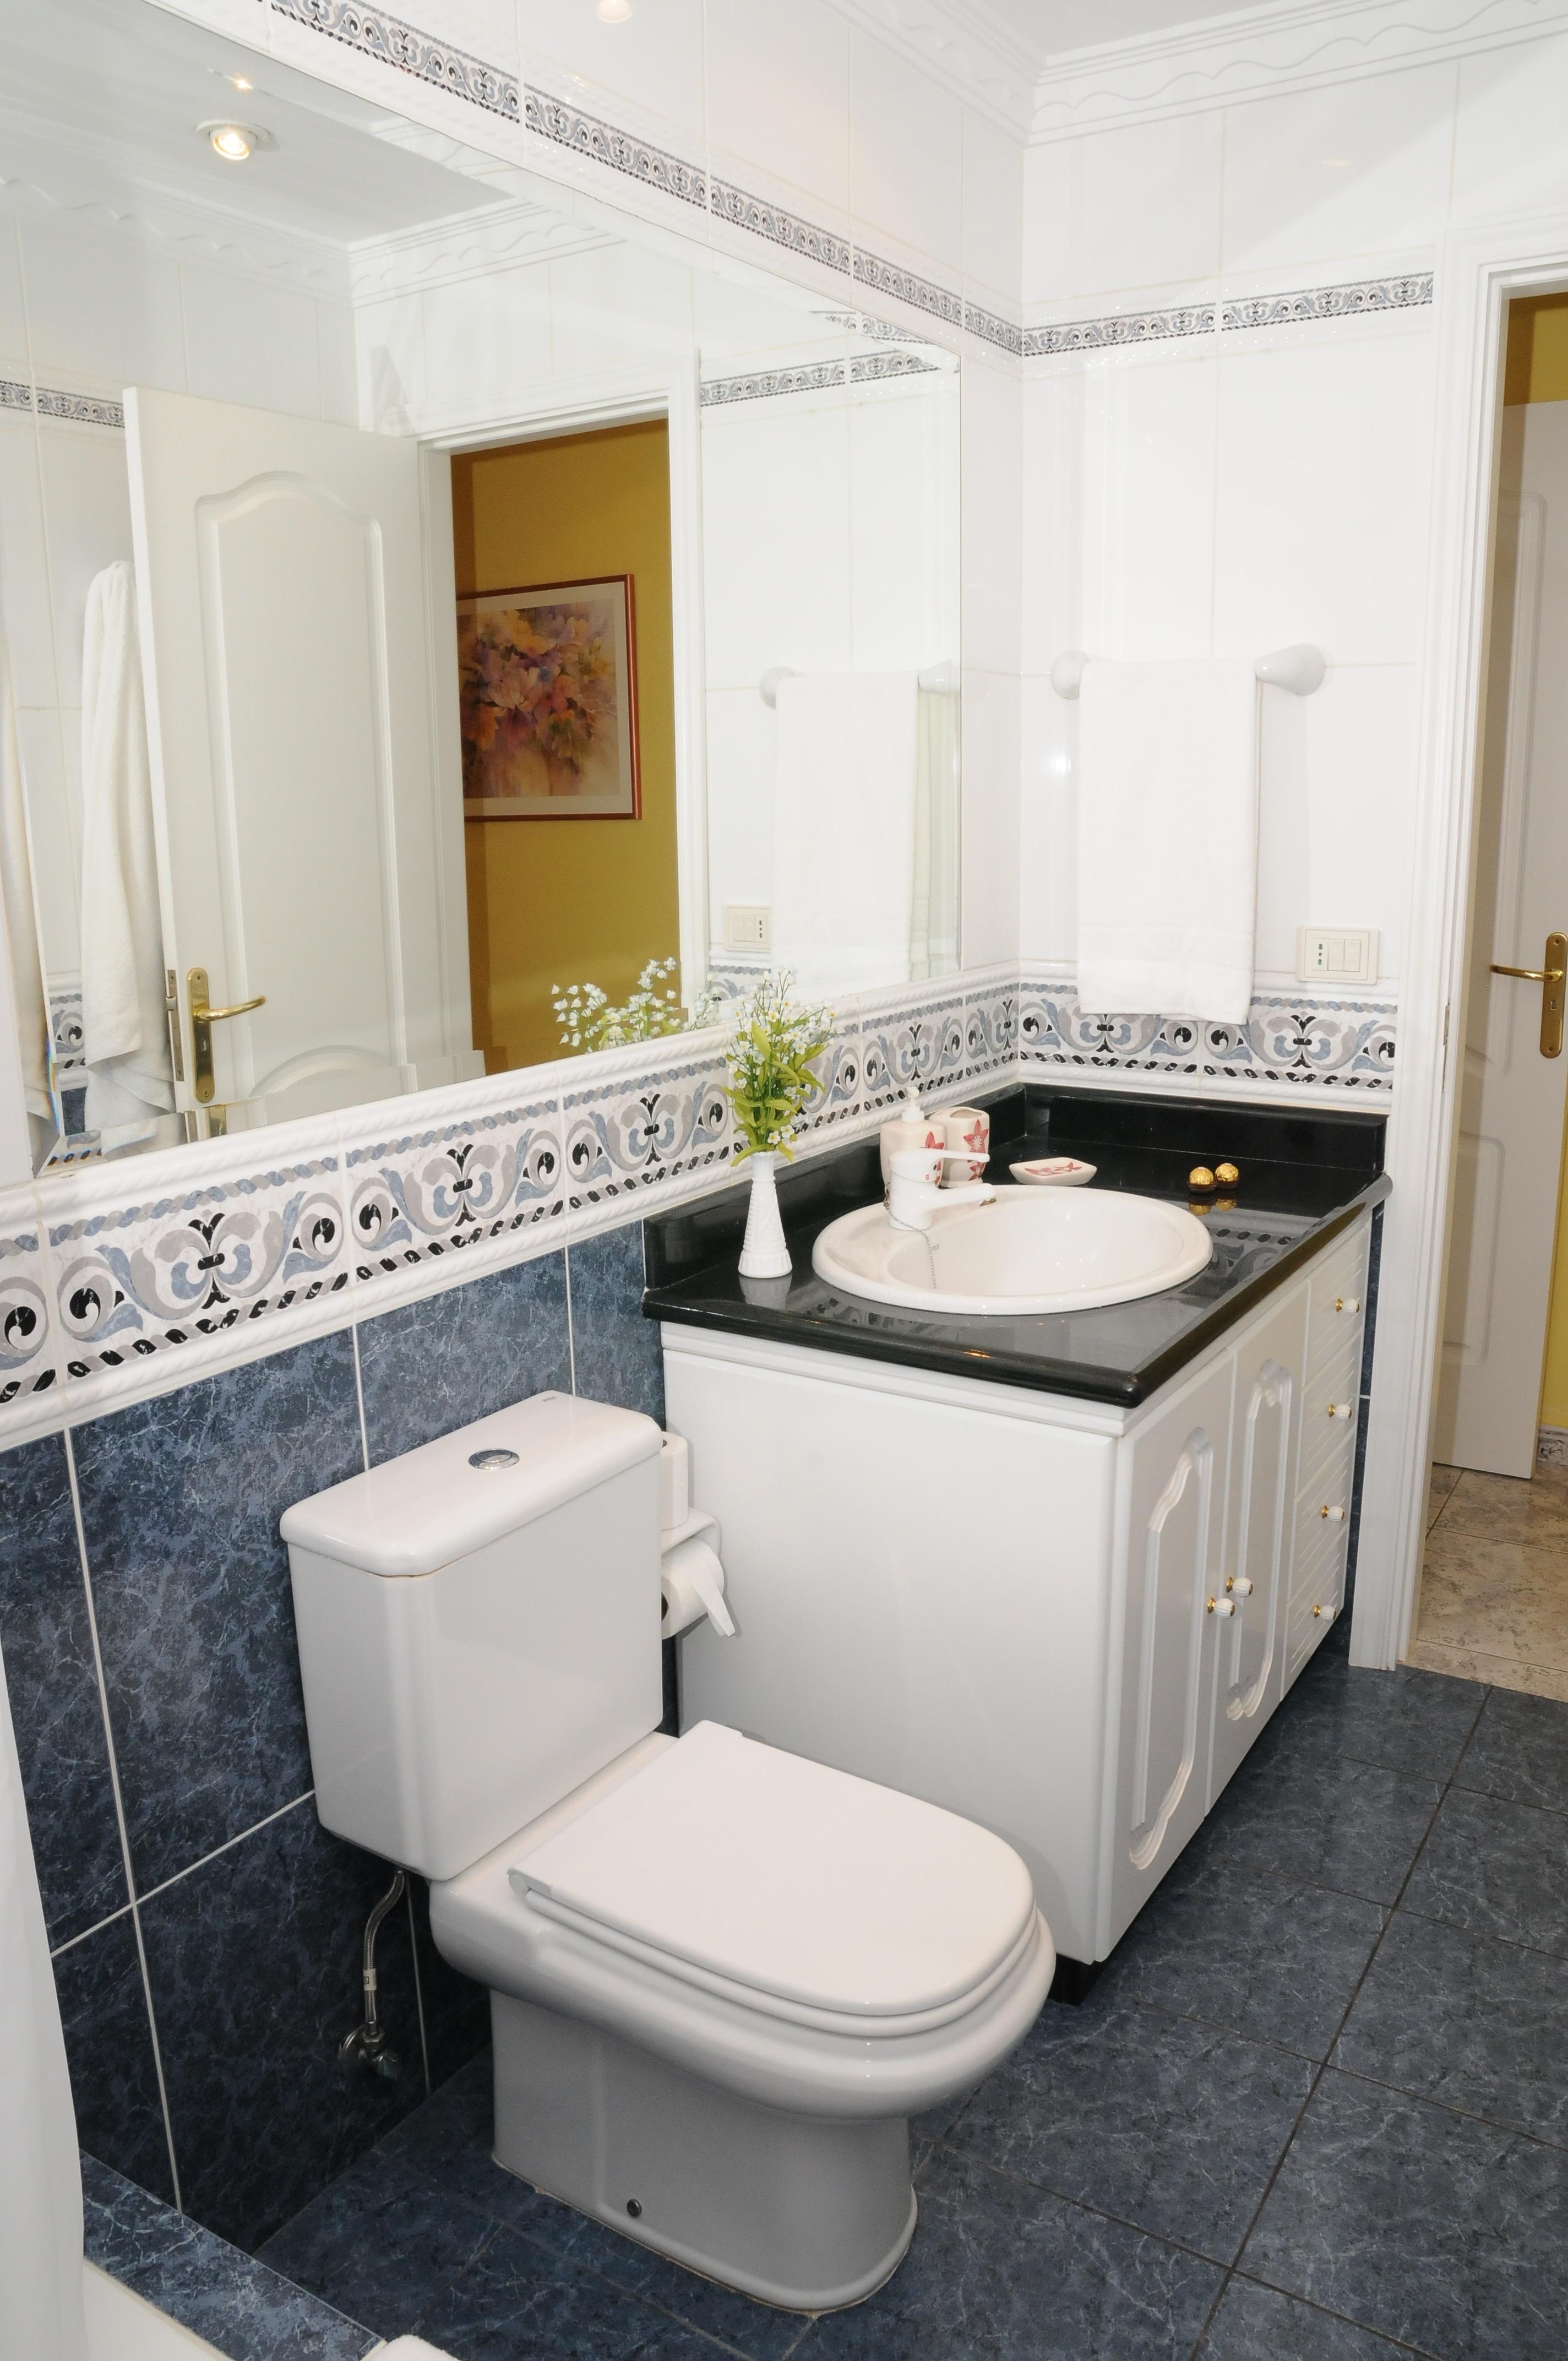 Baño con bañera y un gran espejo